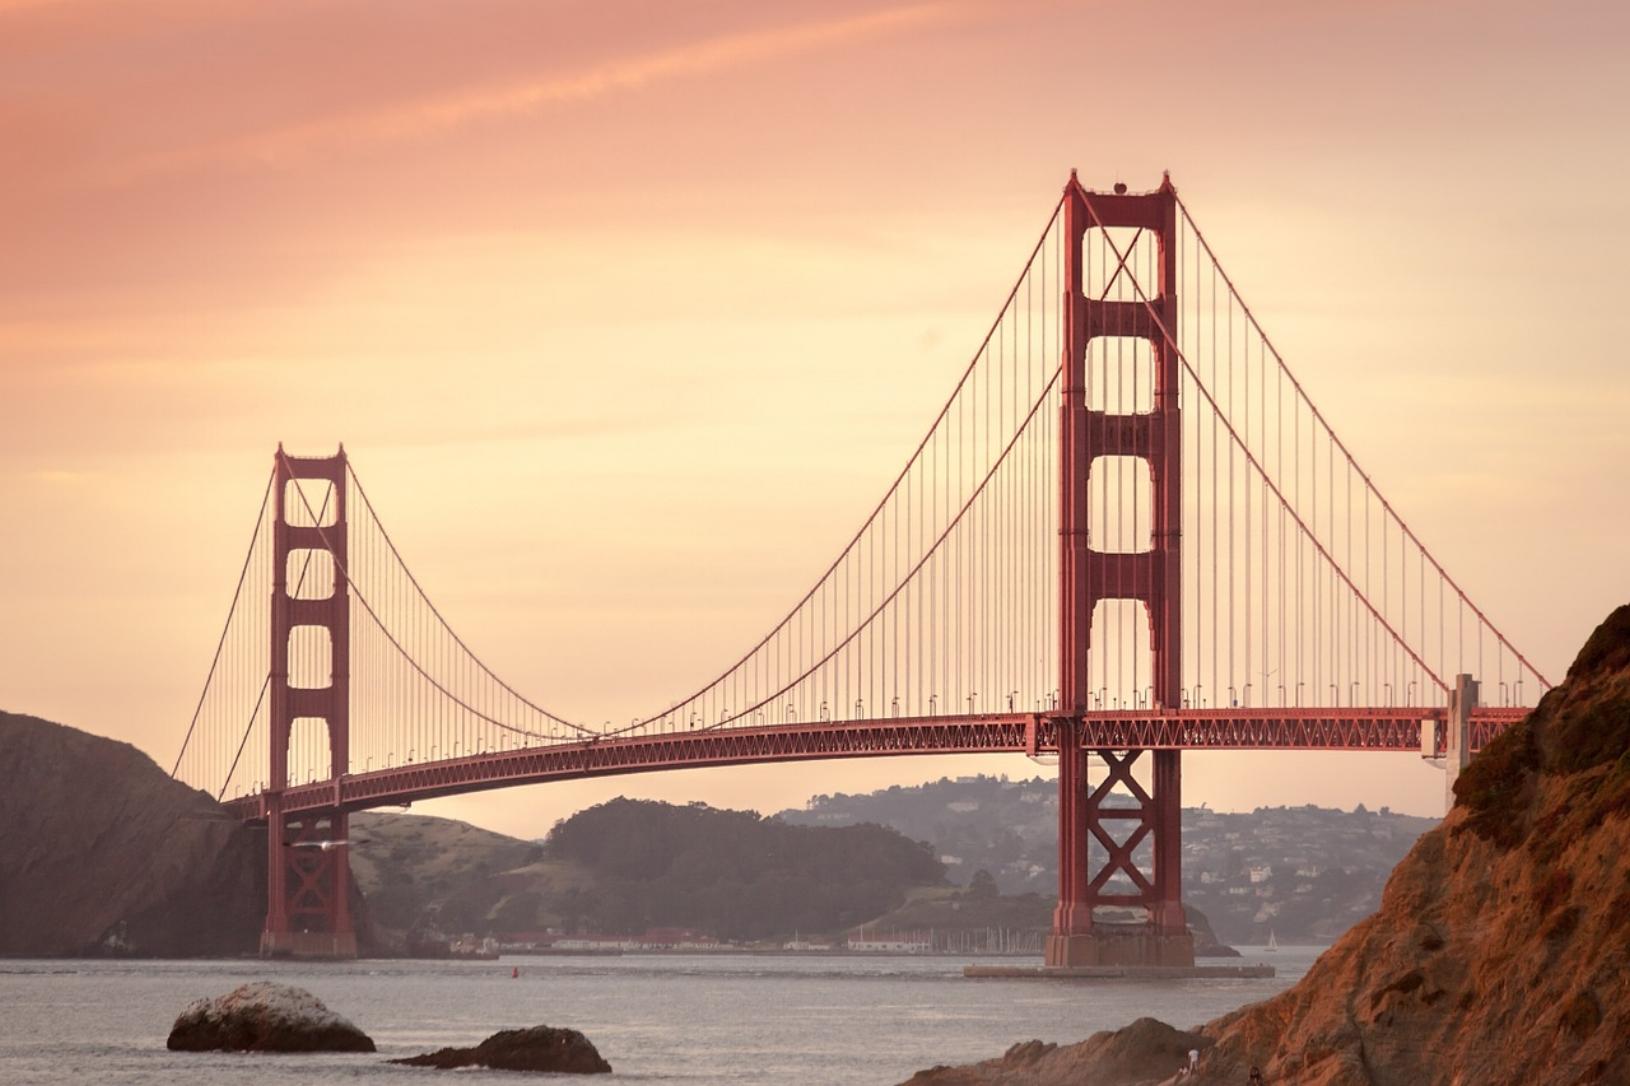 Vi HAR FLYTTET til Silicon valley! - I starten av 2019 pakket sammen hus og hjem og flyttet til California. Følg oss videre på eventyret…